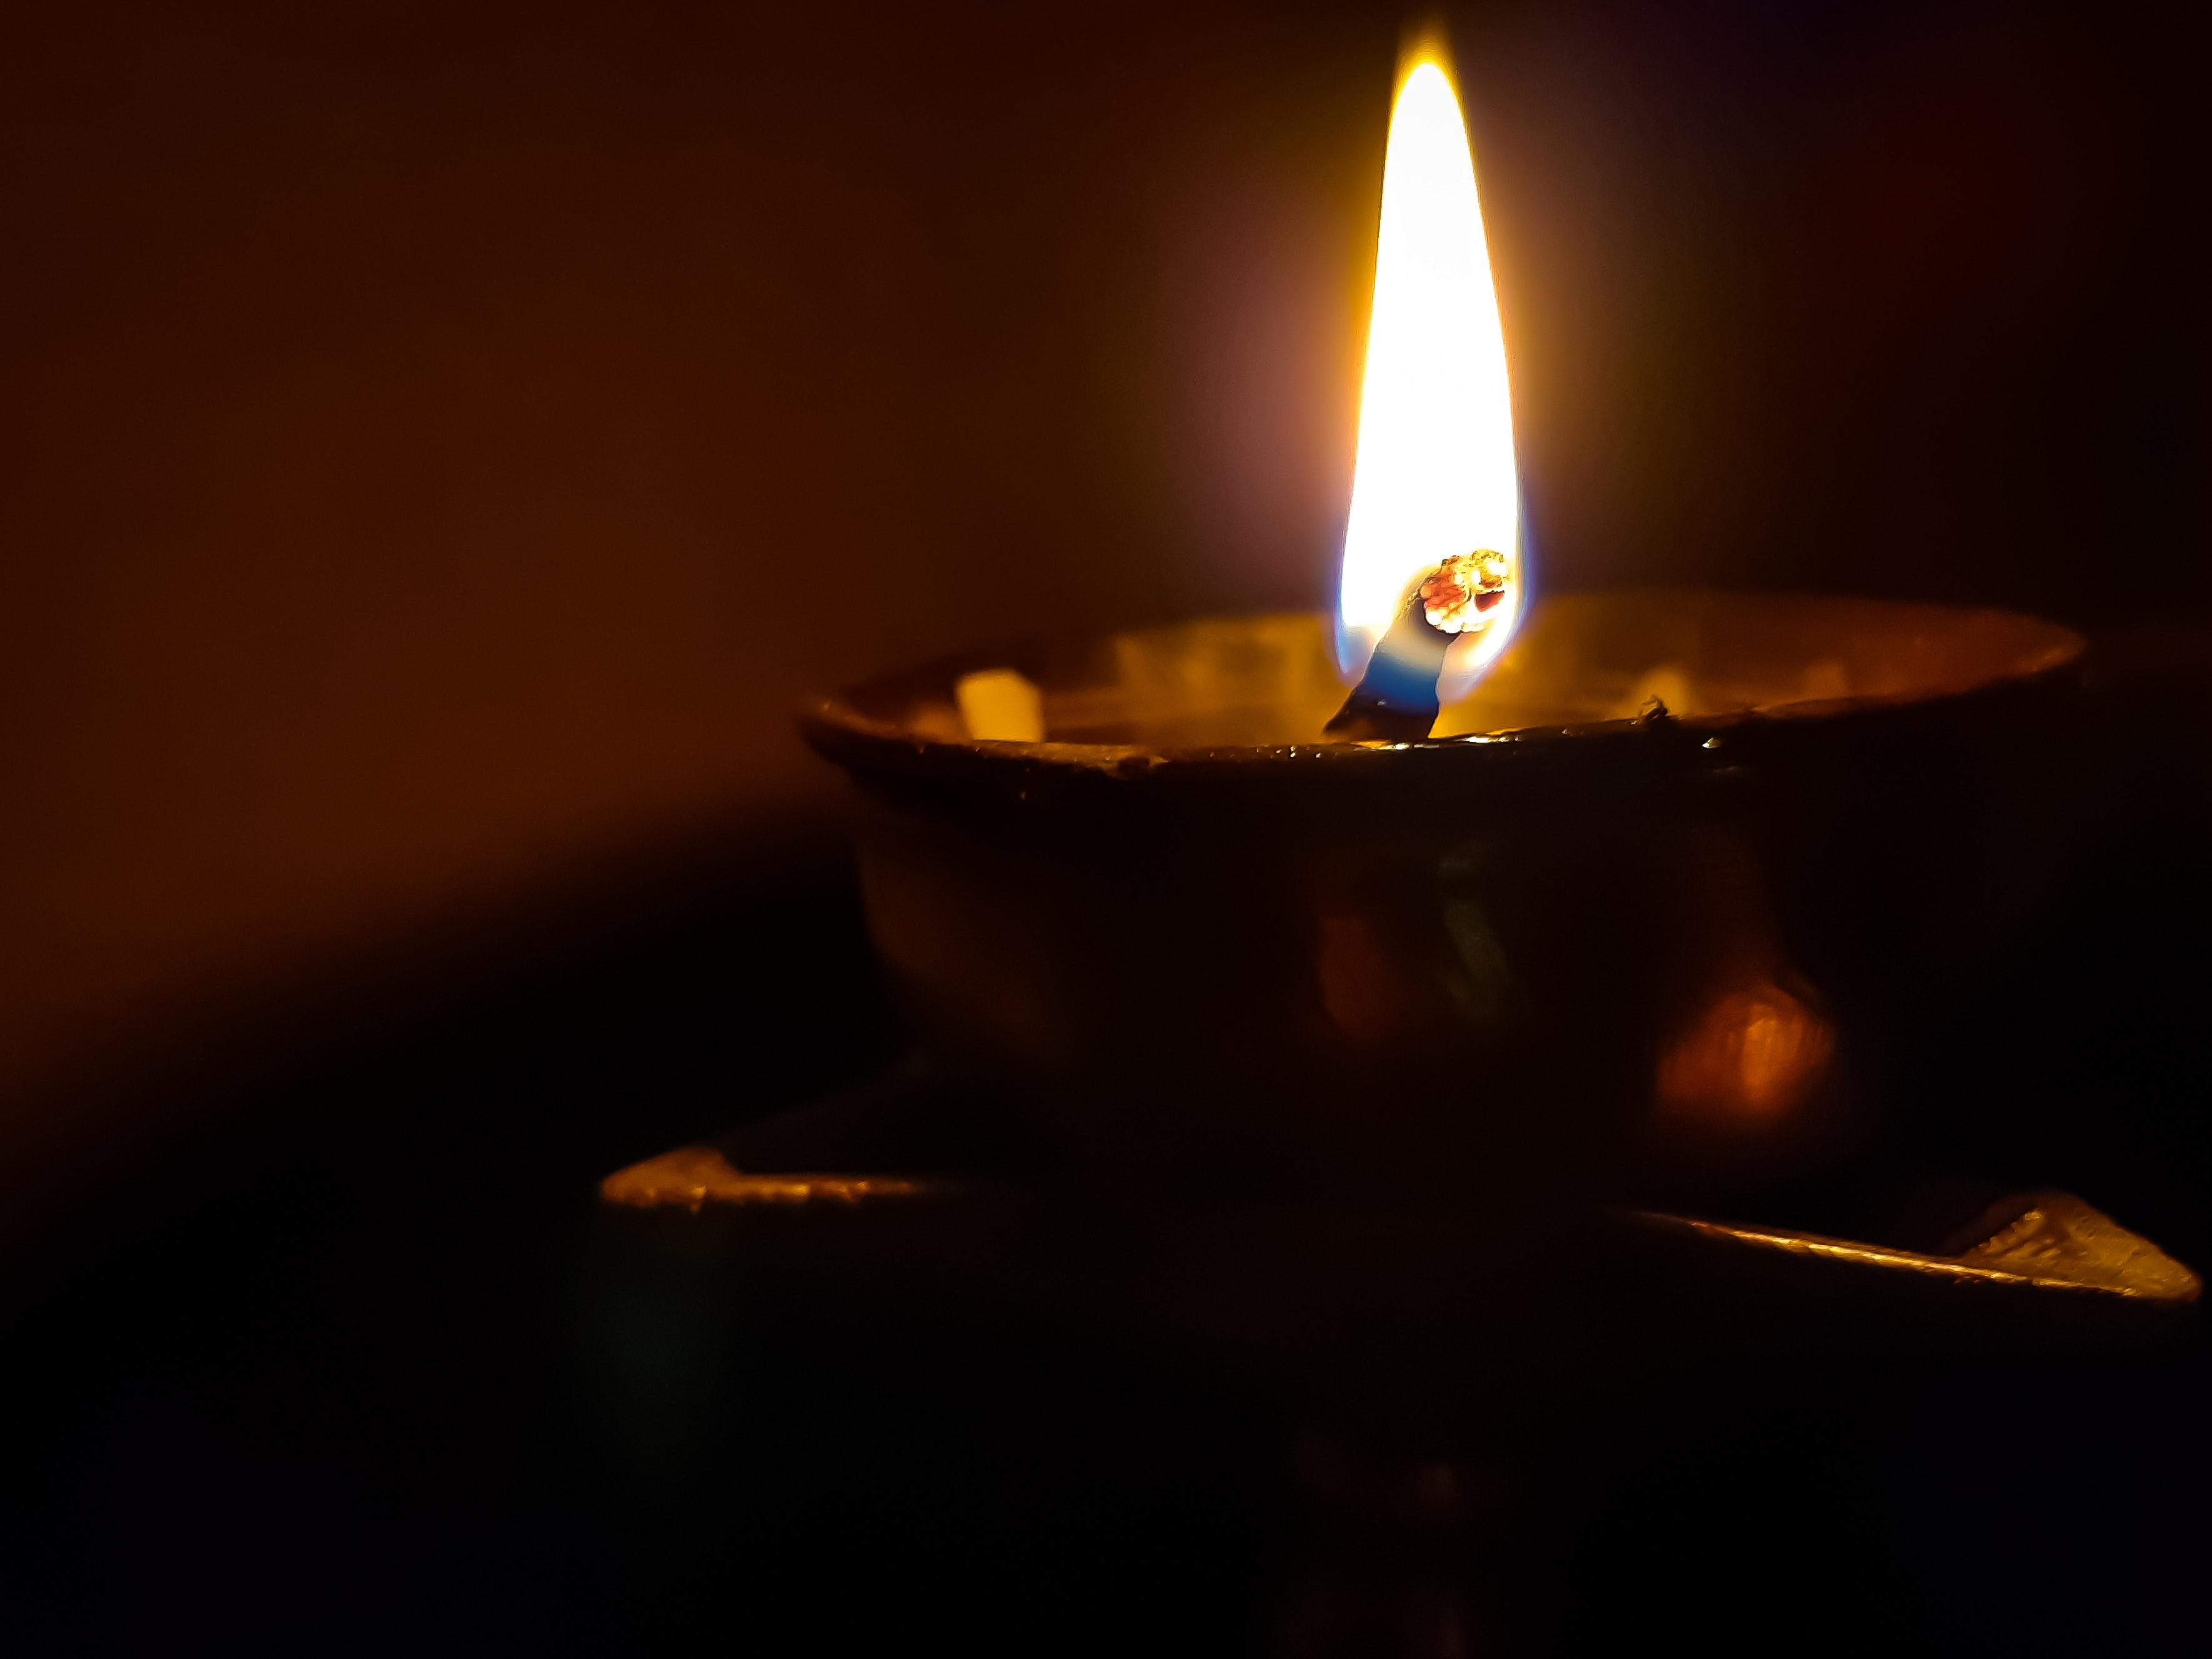 「燃焼時計の誕生」のイメージ画像